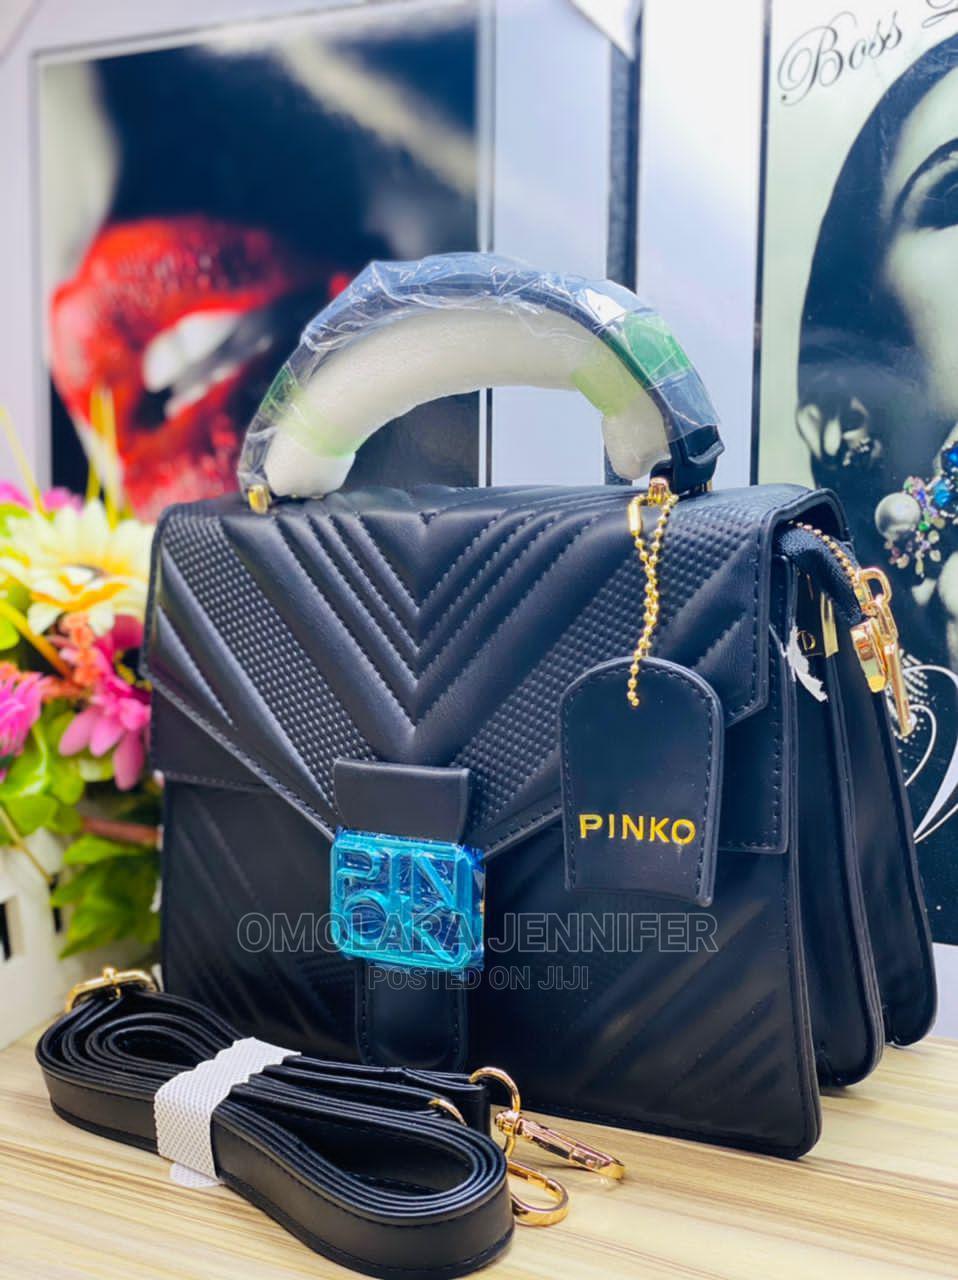 Pinko Designer Bag